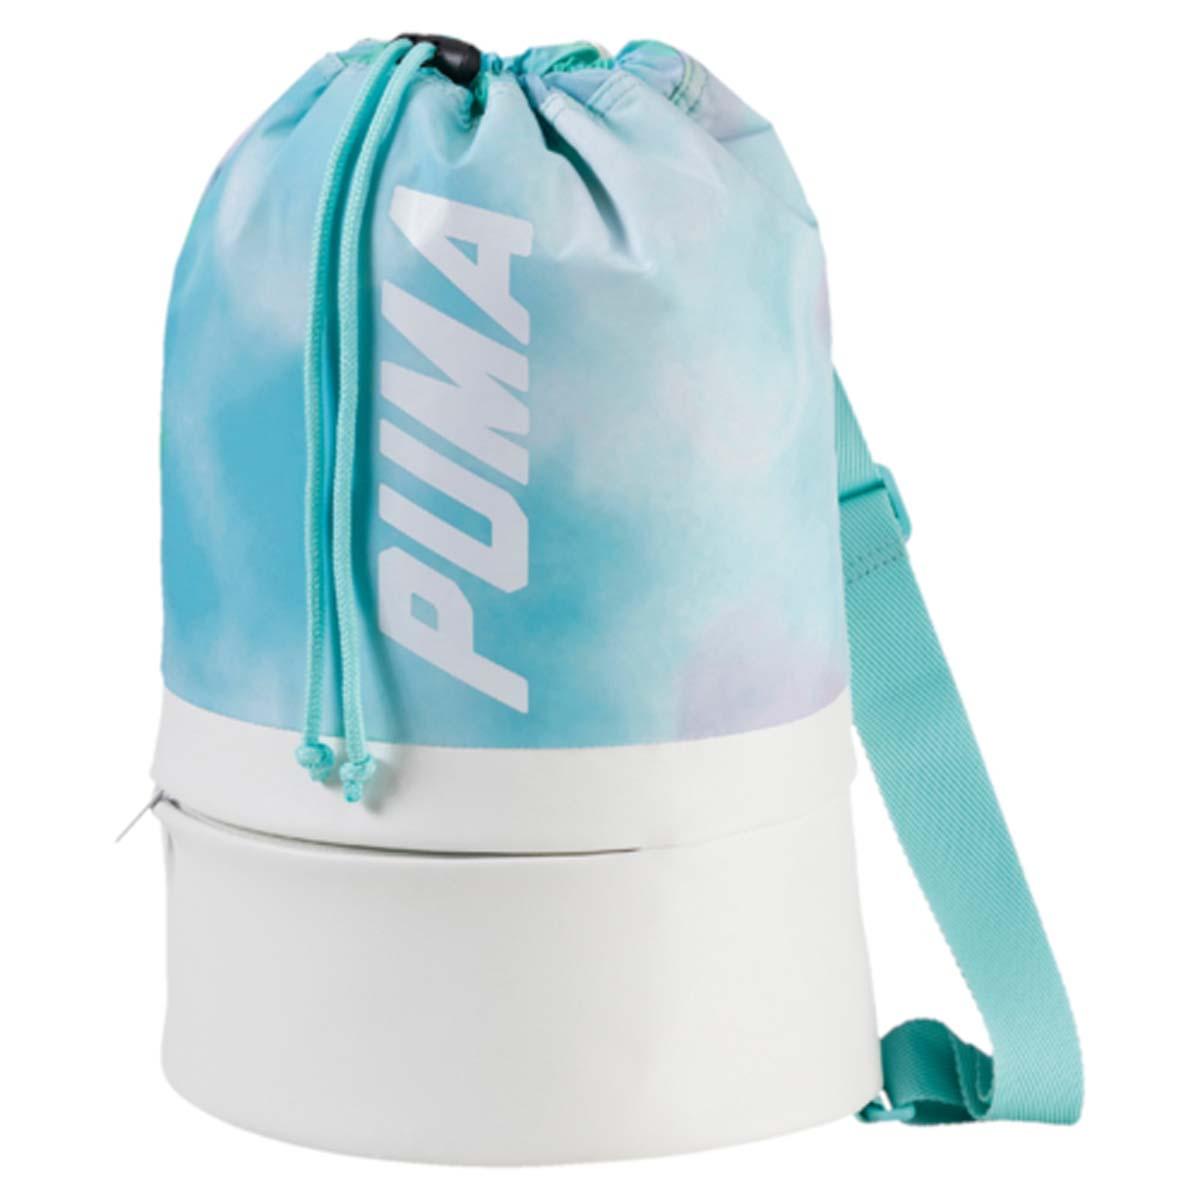 Рюкзак женский Puma Prime Bucket Bag P, цвет: белый, бирюзовый. 07455602